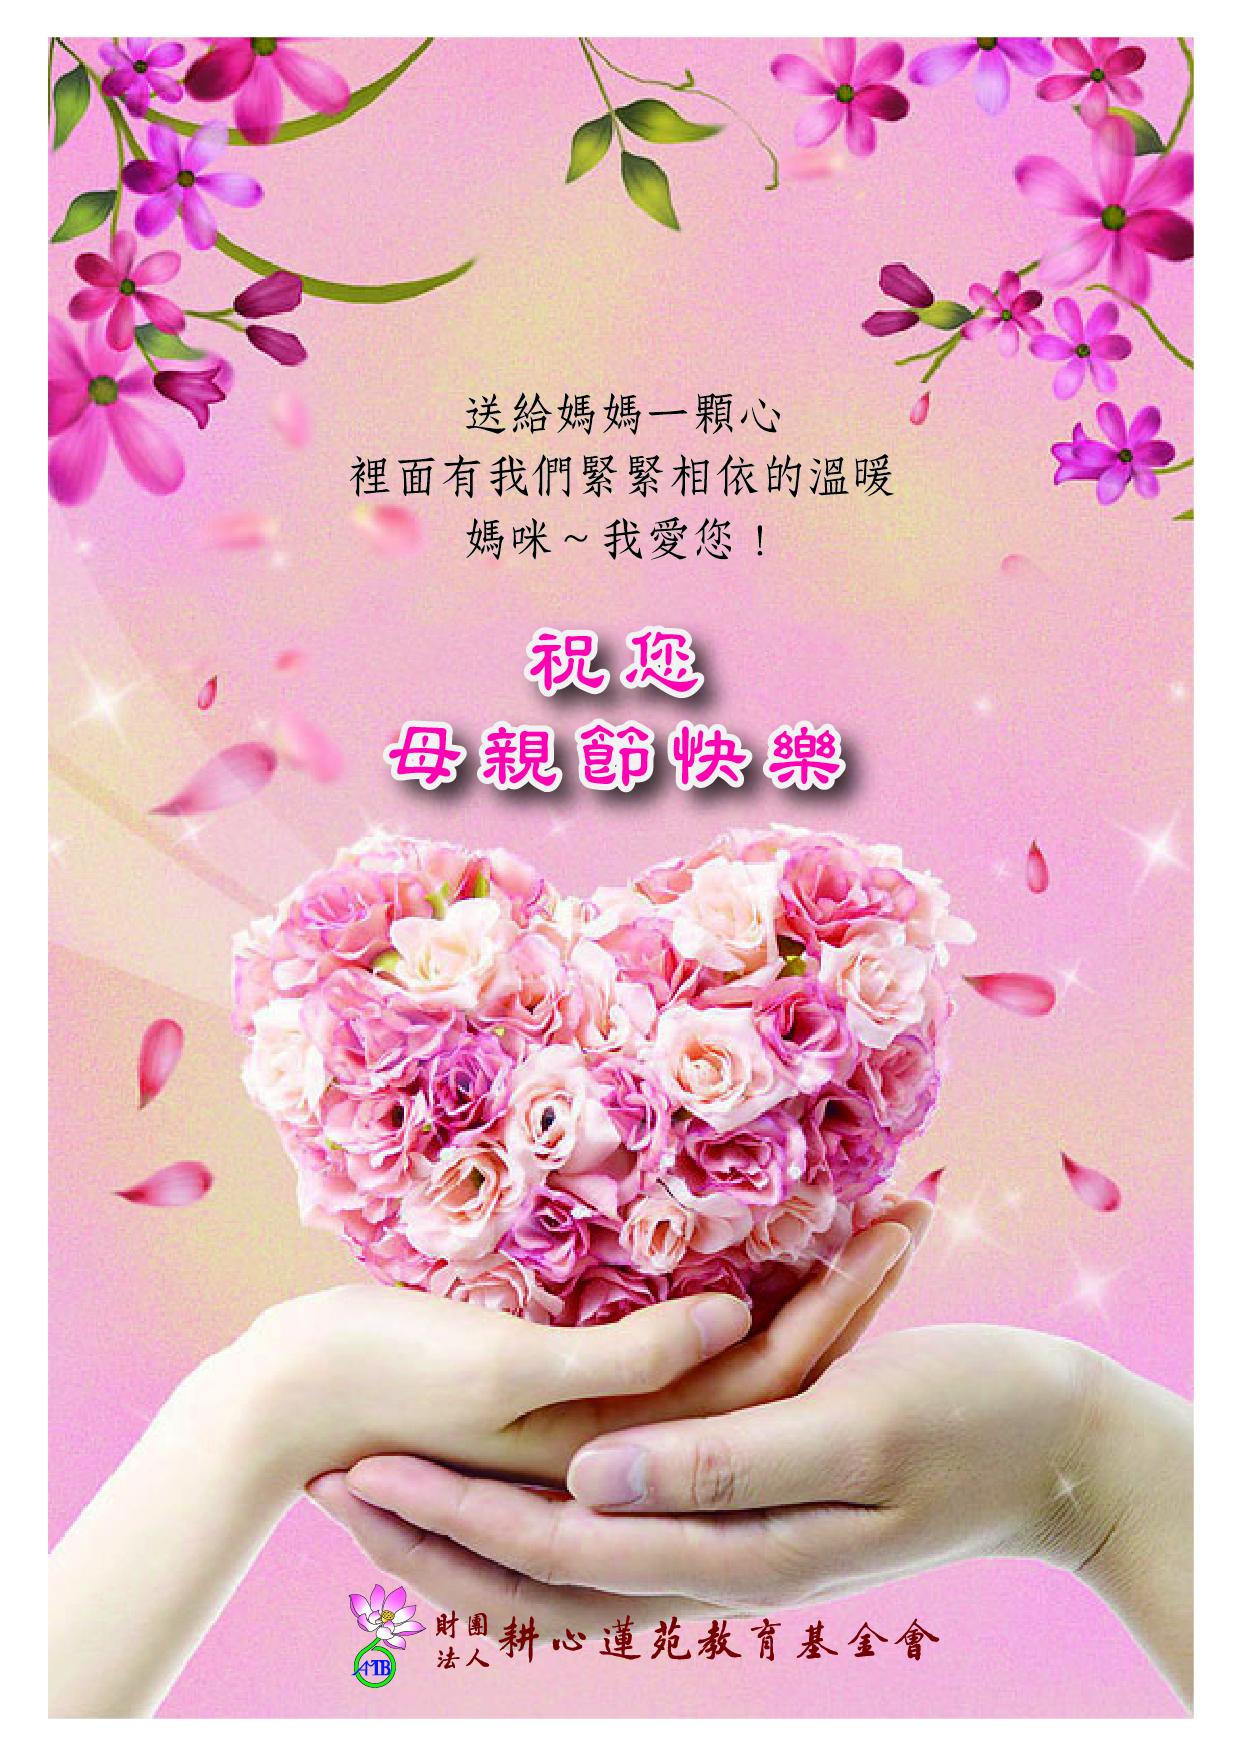 蓮苑蓮苑給所有媽媽的母親節電子賀卡.jpg